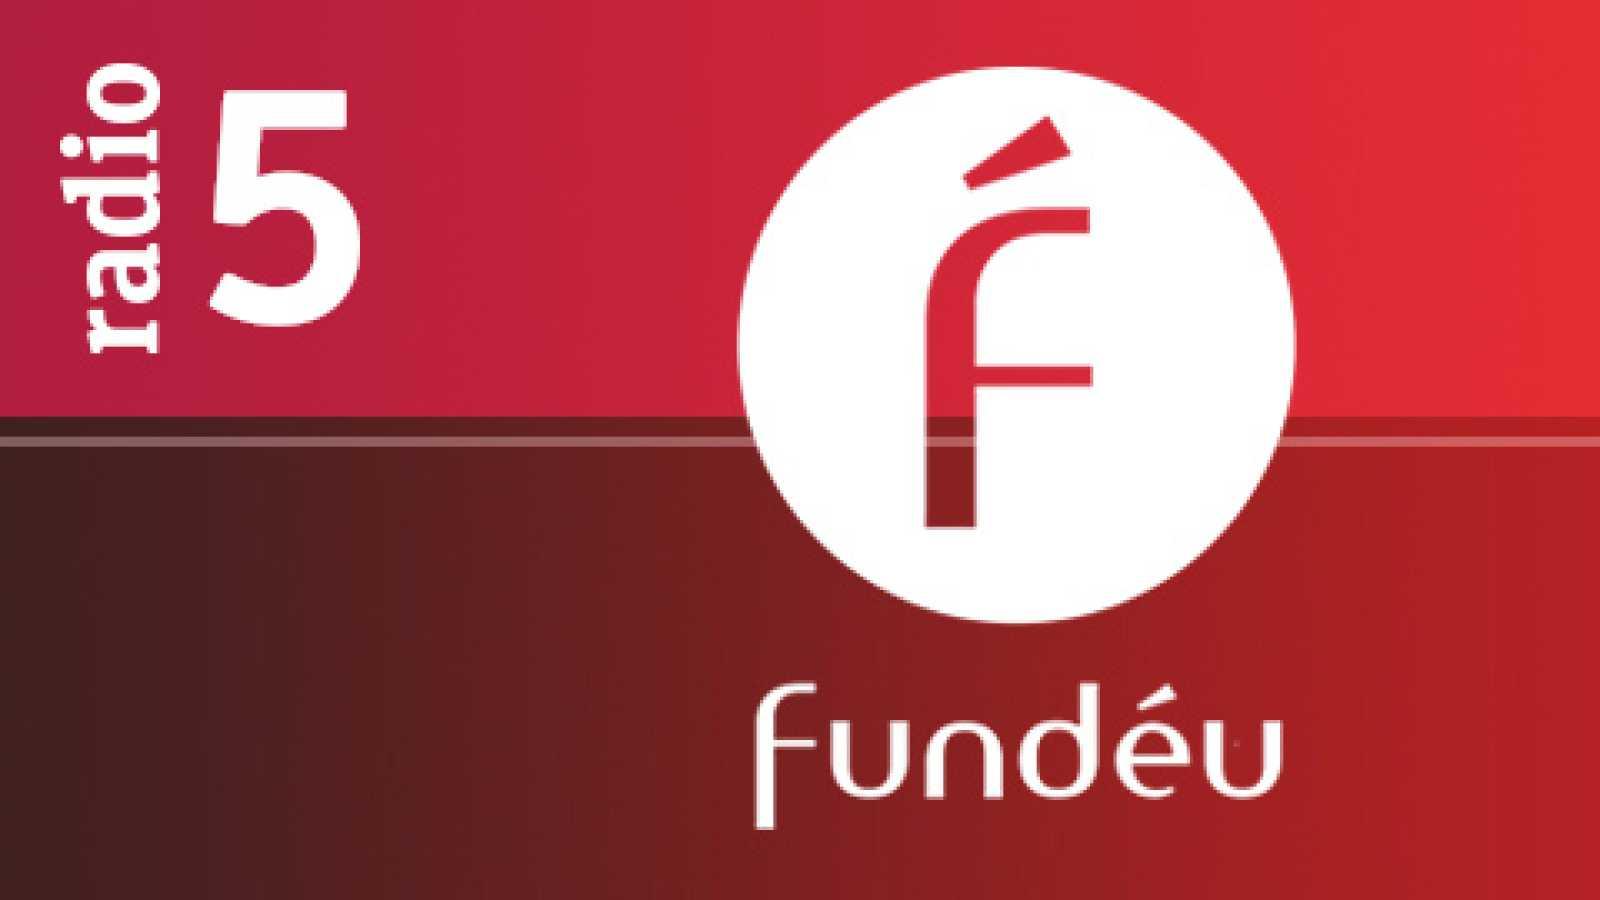 """El español urgente con Fundéu - """"Sí es no es"""" y otras locuciones - 26/02/19 - Escuchar ahora"""